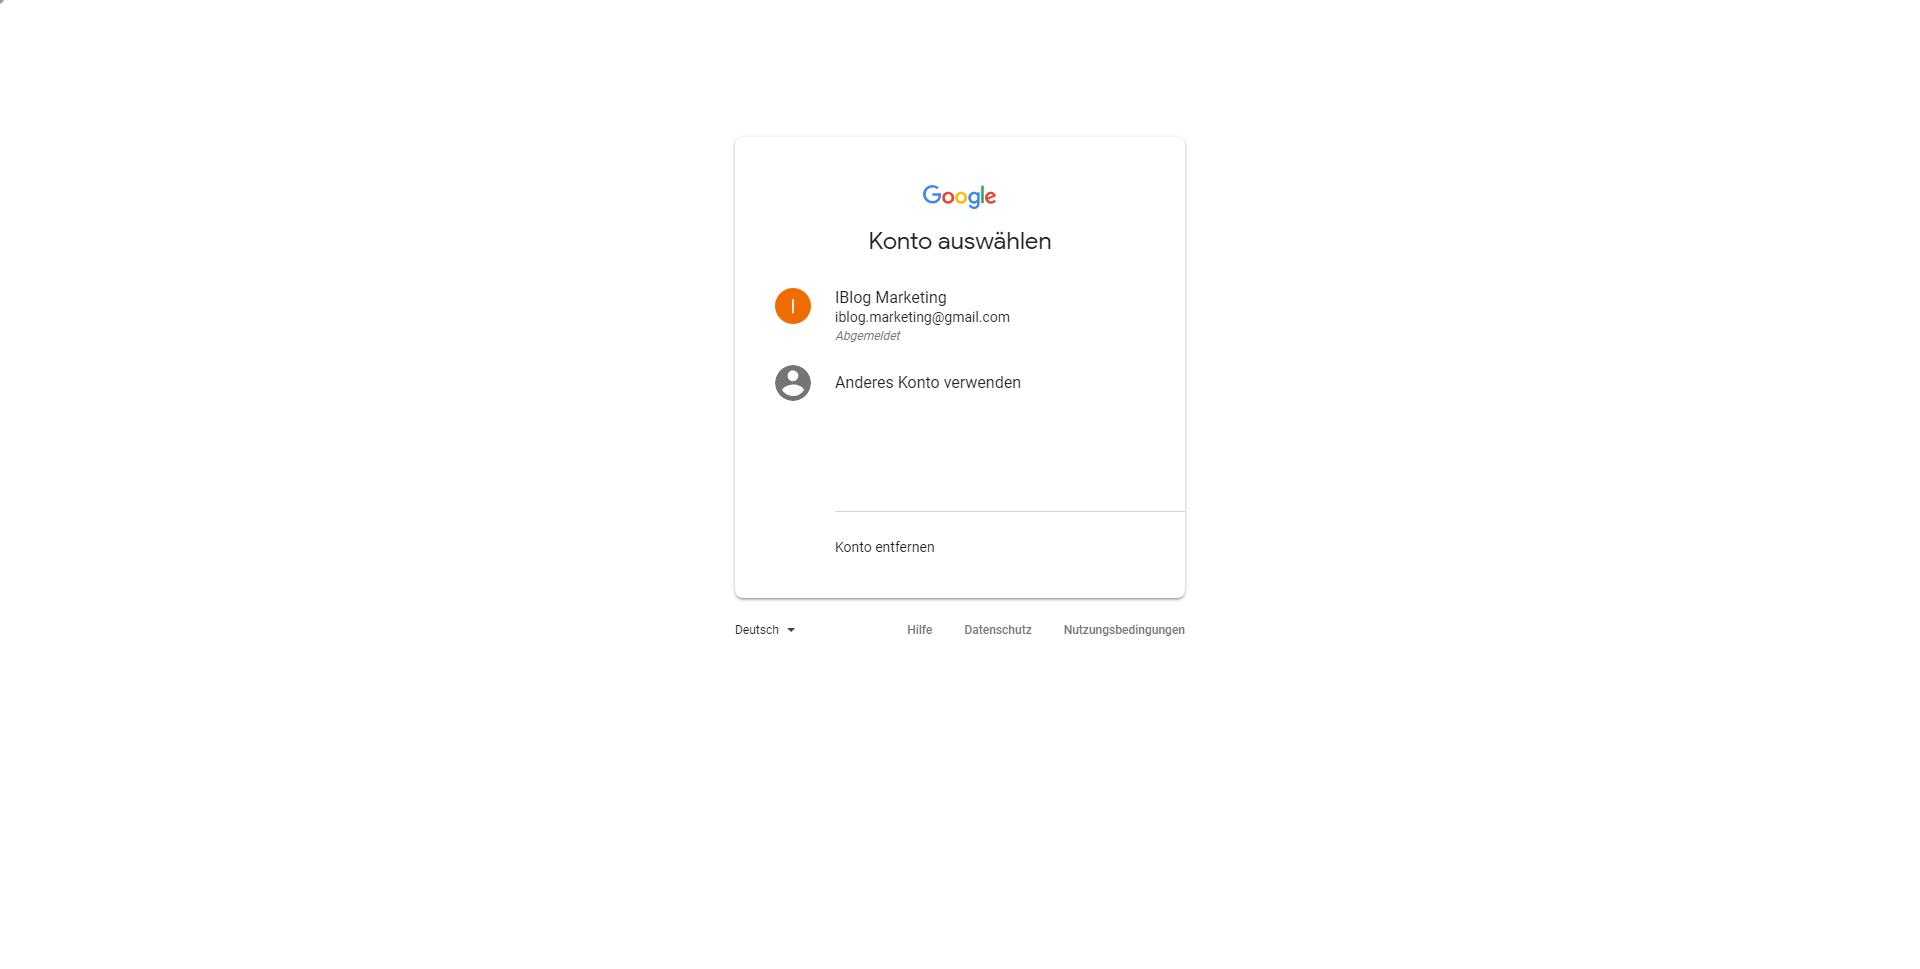 Google Ads Anmeldung - Google Konto auswählen